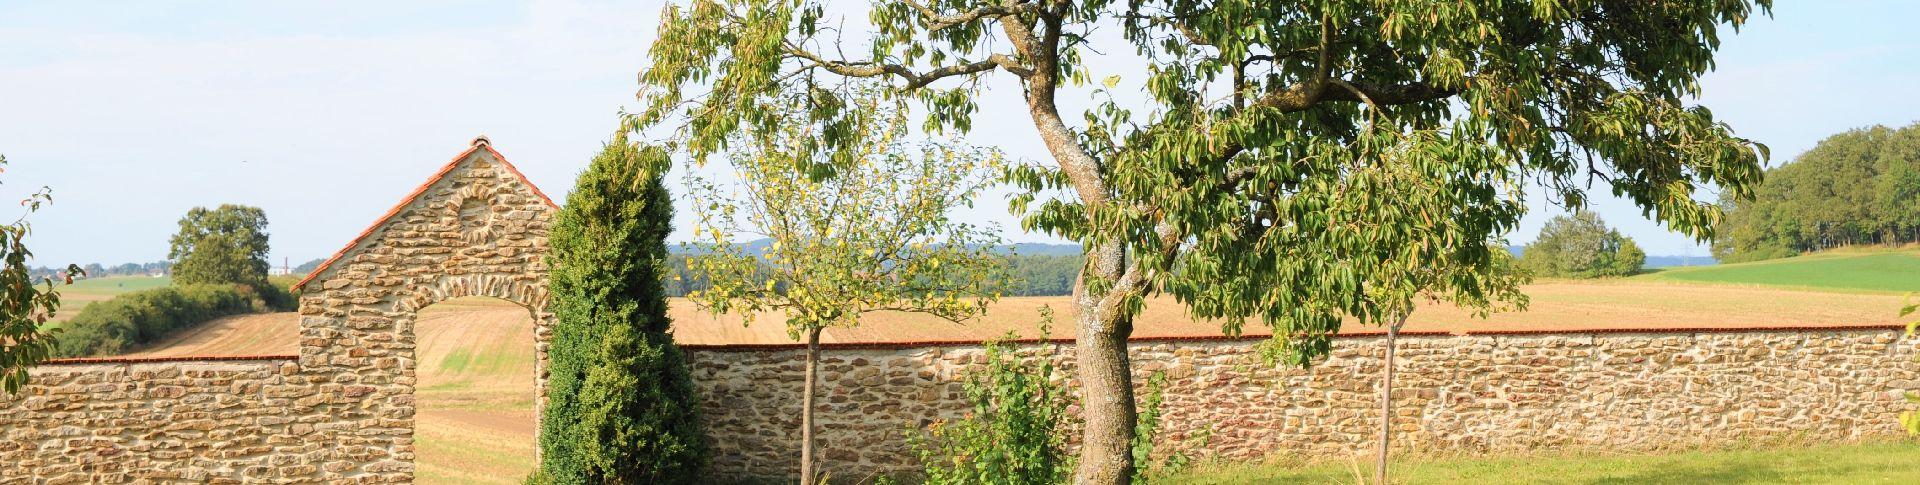 Von der Sulz zu den Ziegen - Wanderwege um Freystadt